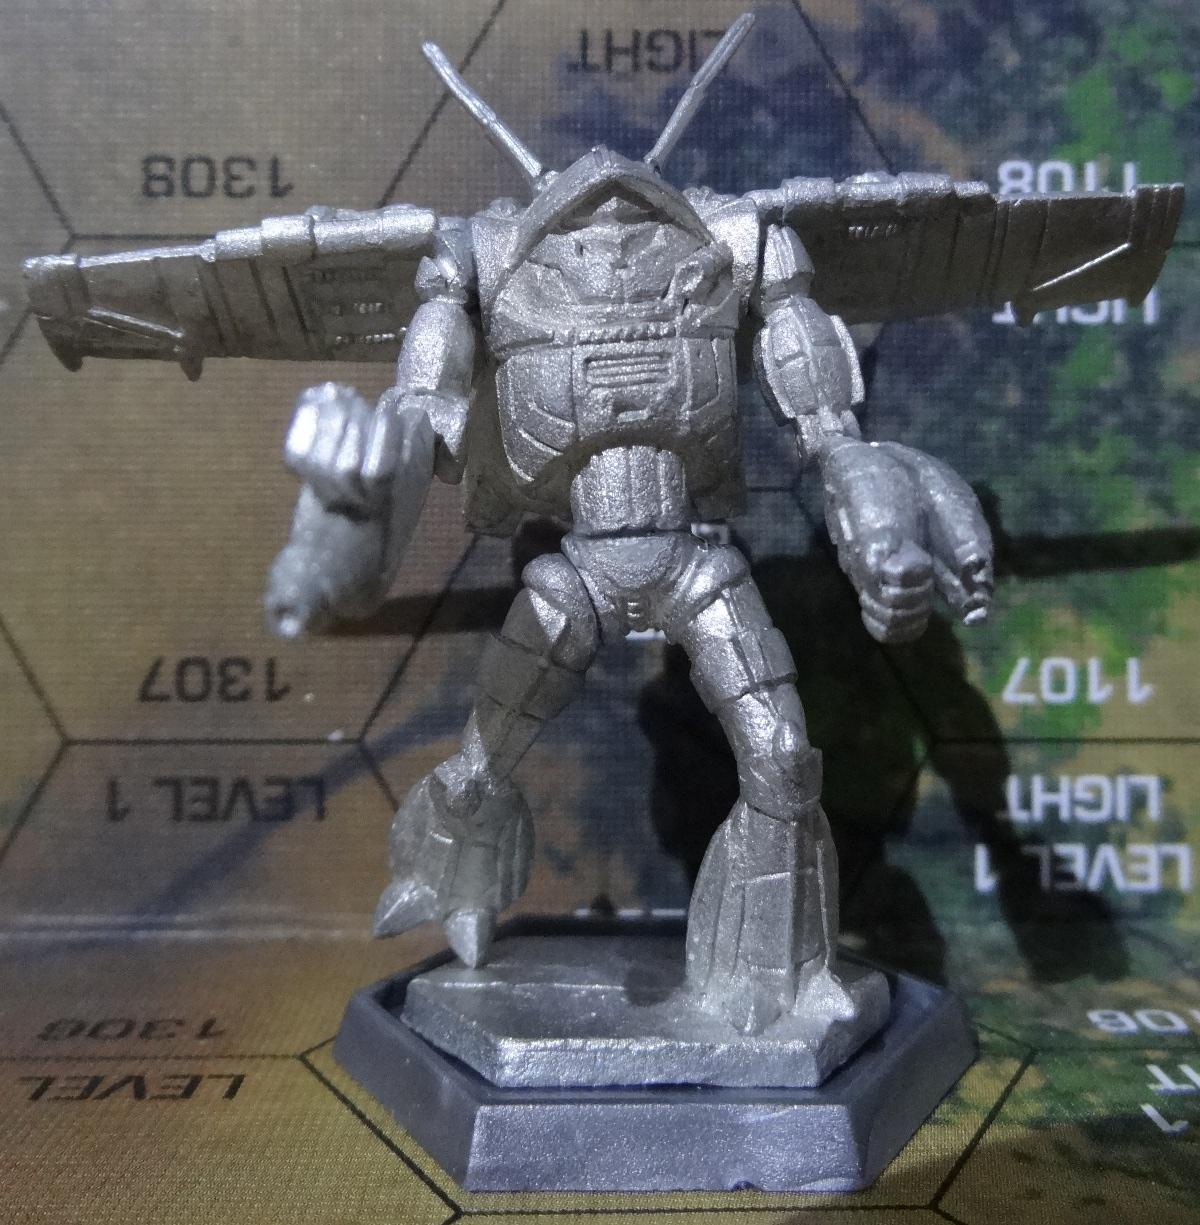 Der Wraith TR2-X von vorne - anklicken für großes Bild